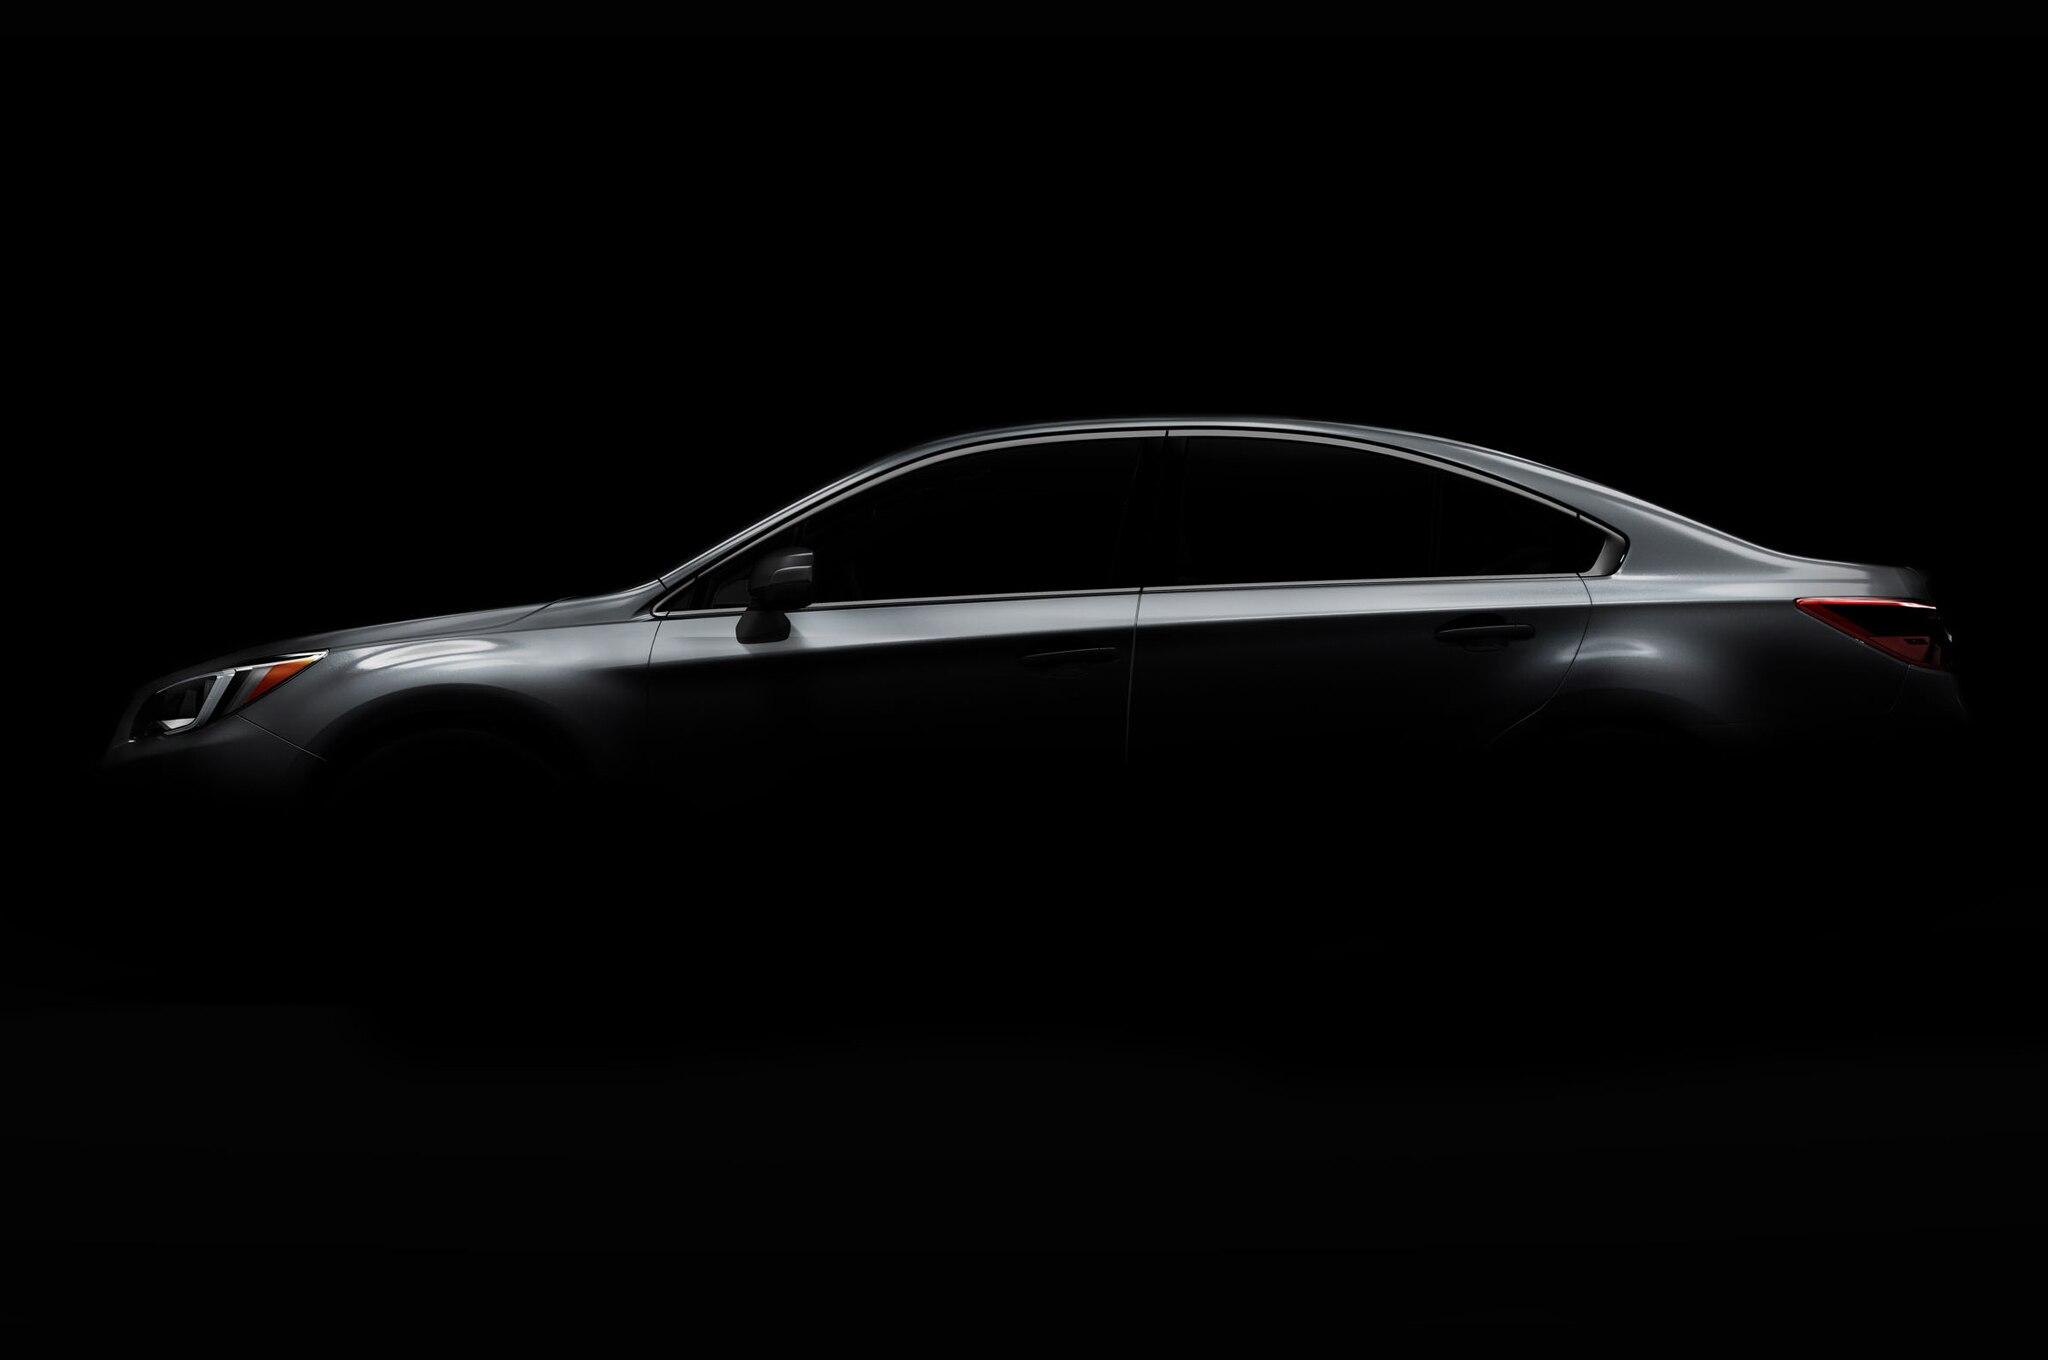 2015 Subaru Legacy Teaser Photo Profile1